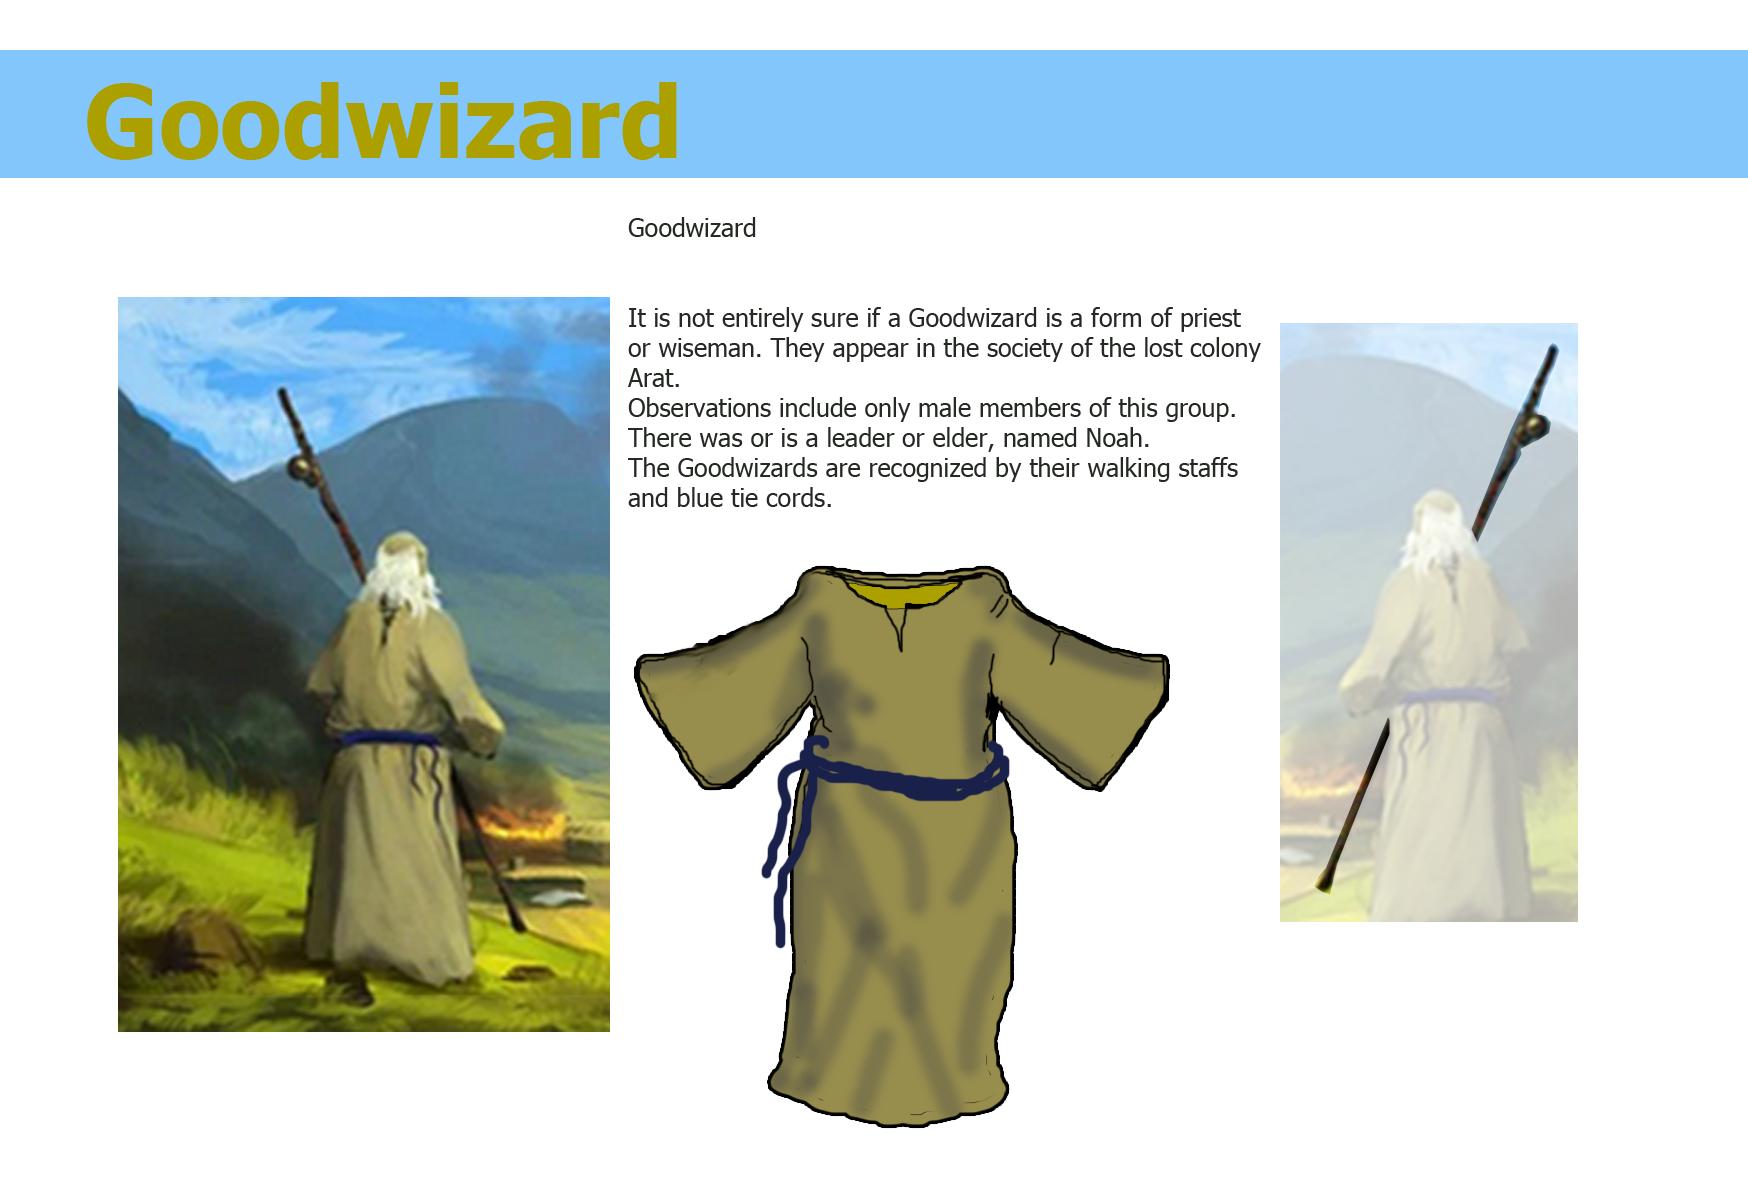 Goodwizard